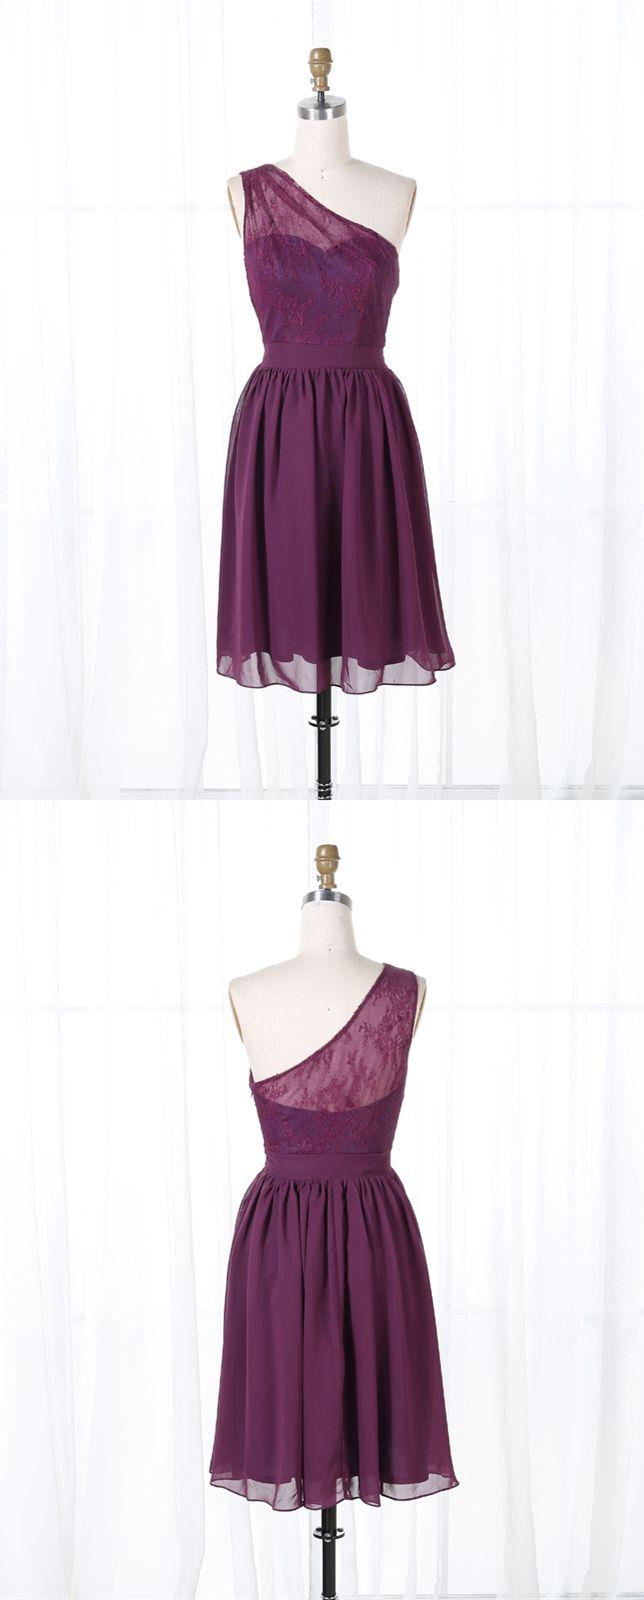 one shoulder short prom dresses, grape short homecoming dresses, cheap short prom dress under 50